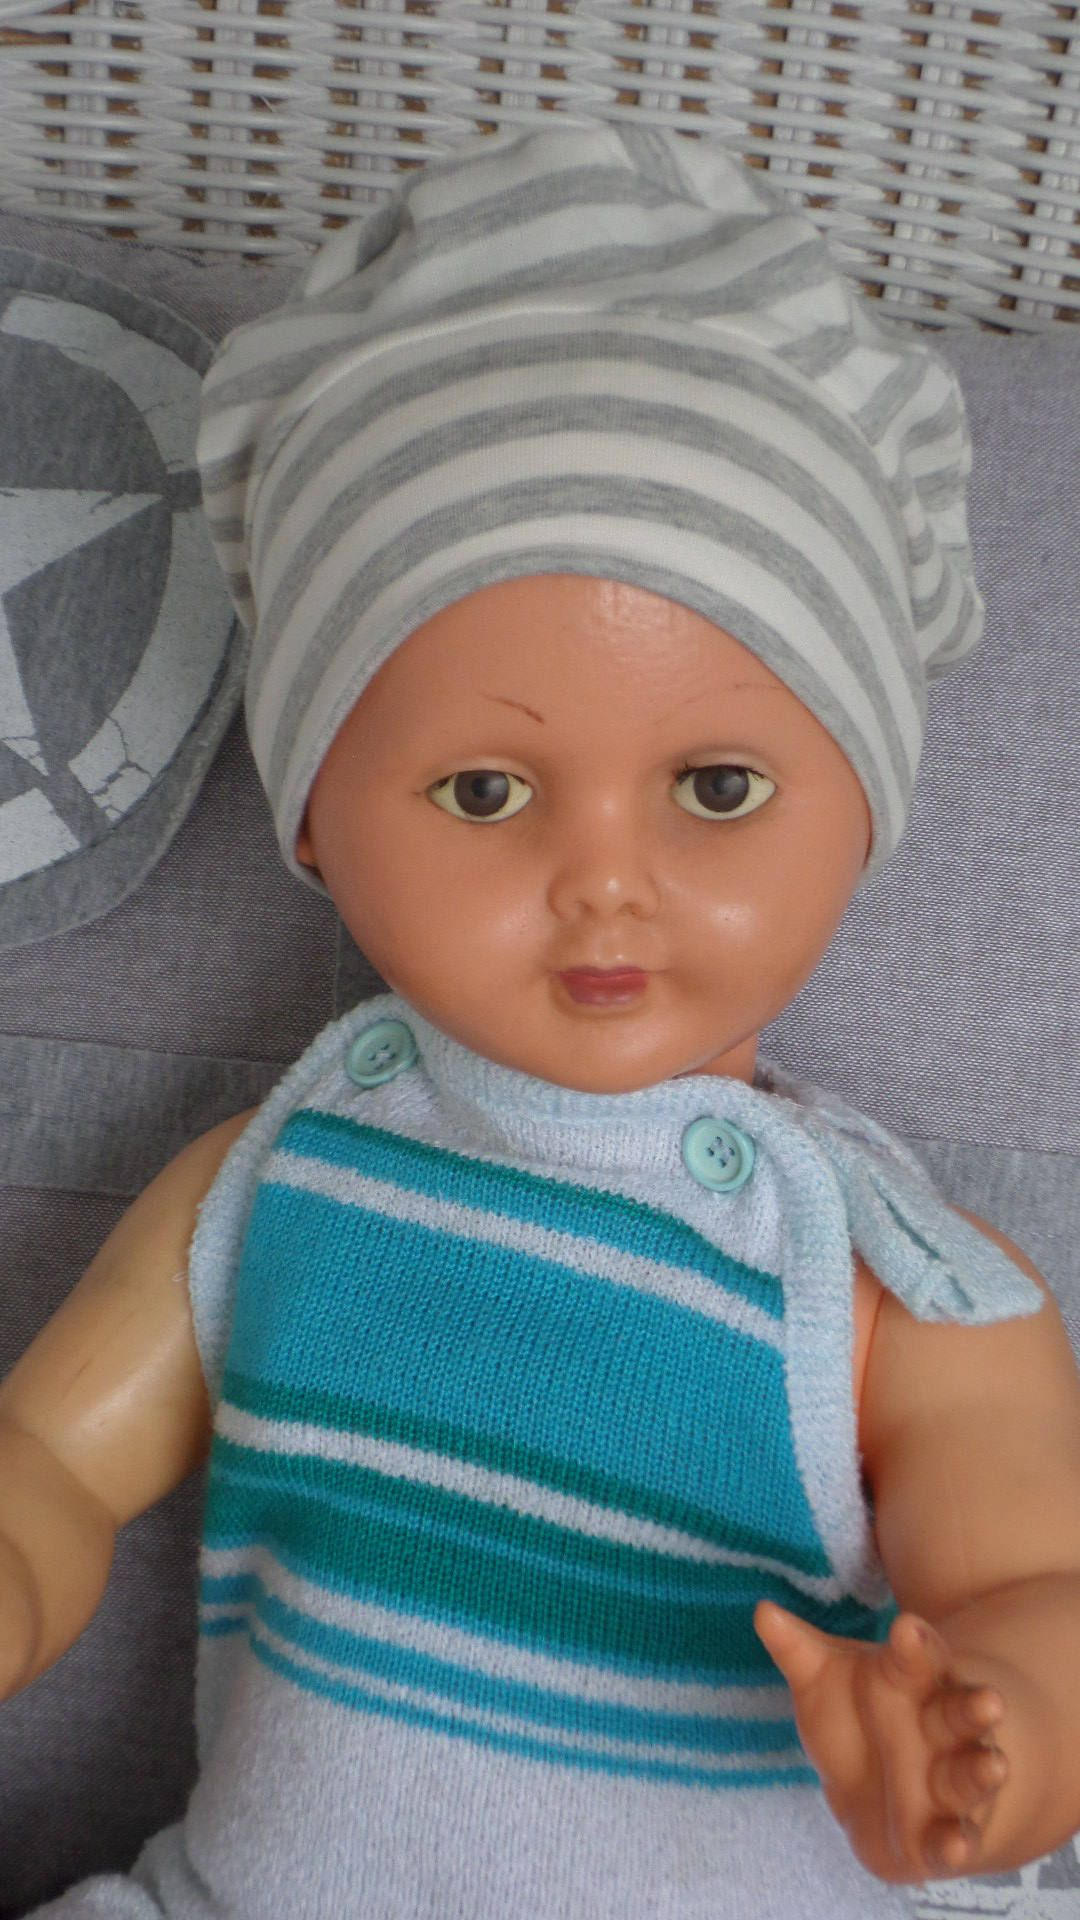 bonnet béret chapeau bébé marin créateur lin eva de la boutique  LESIDEESDELINEVA sur Etsy 58f4f74c44e